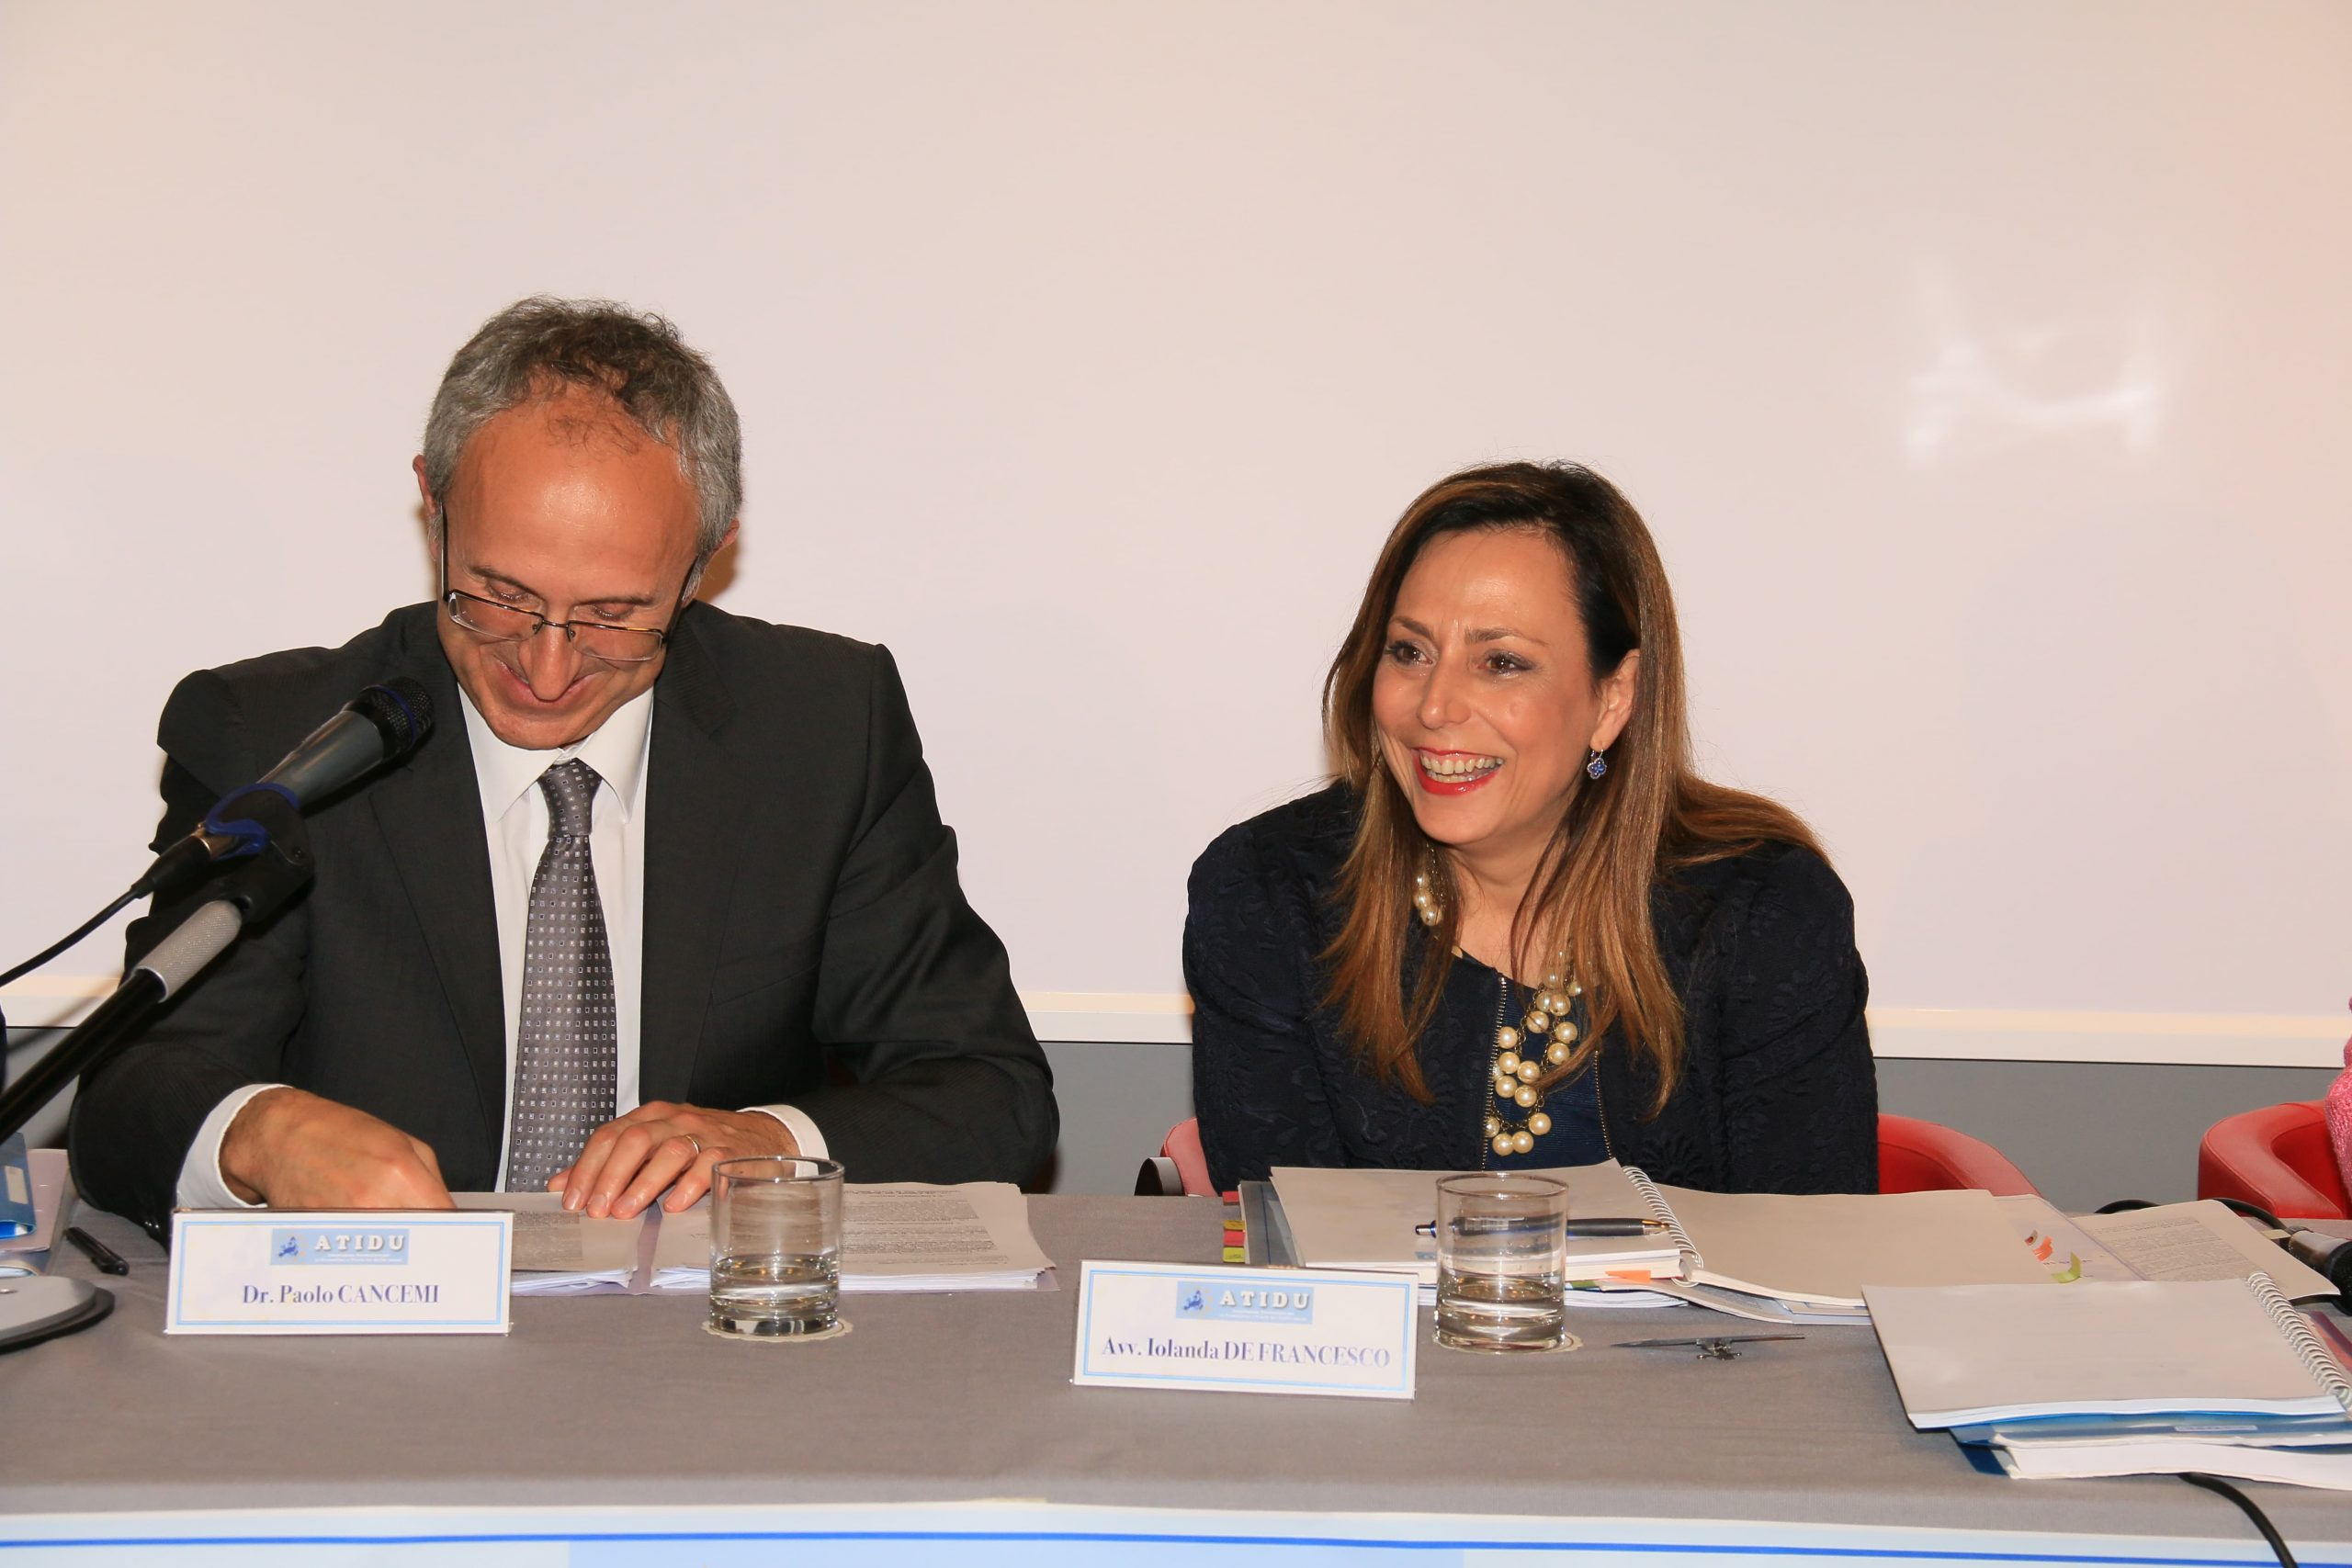 Dr Paolo Cancemi con Avv Iolanda De Francesco